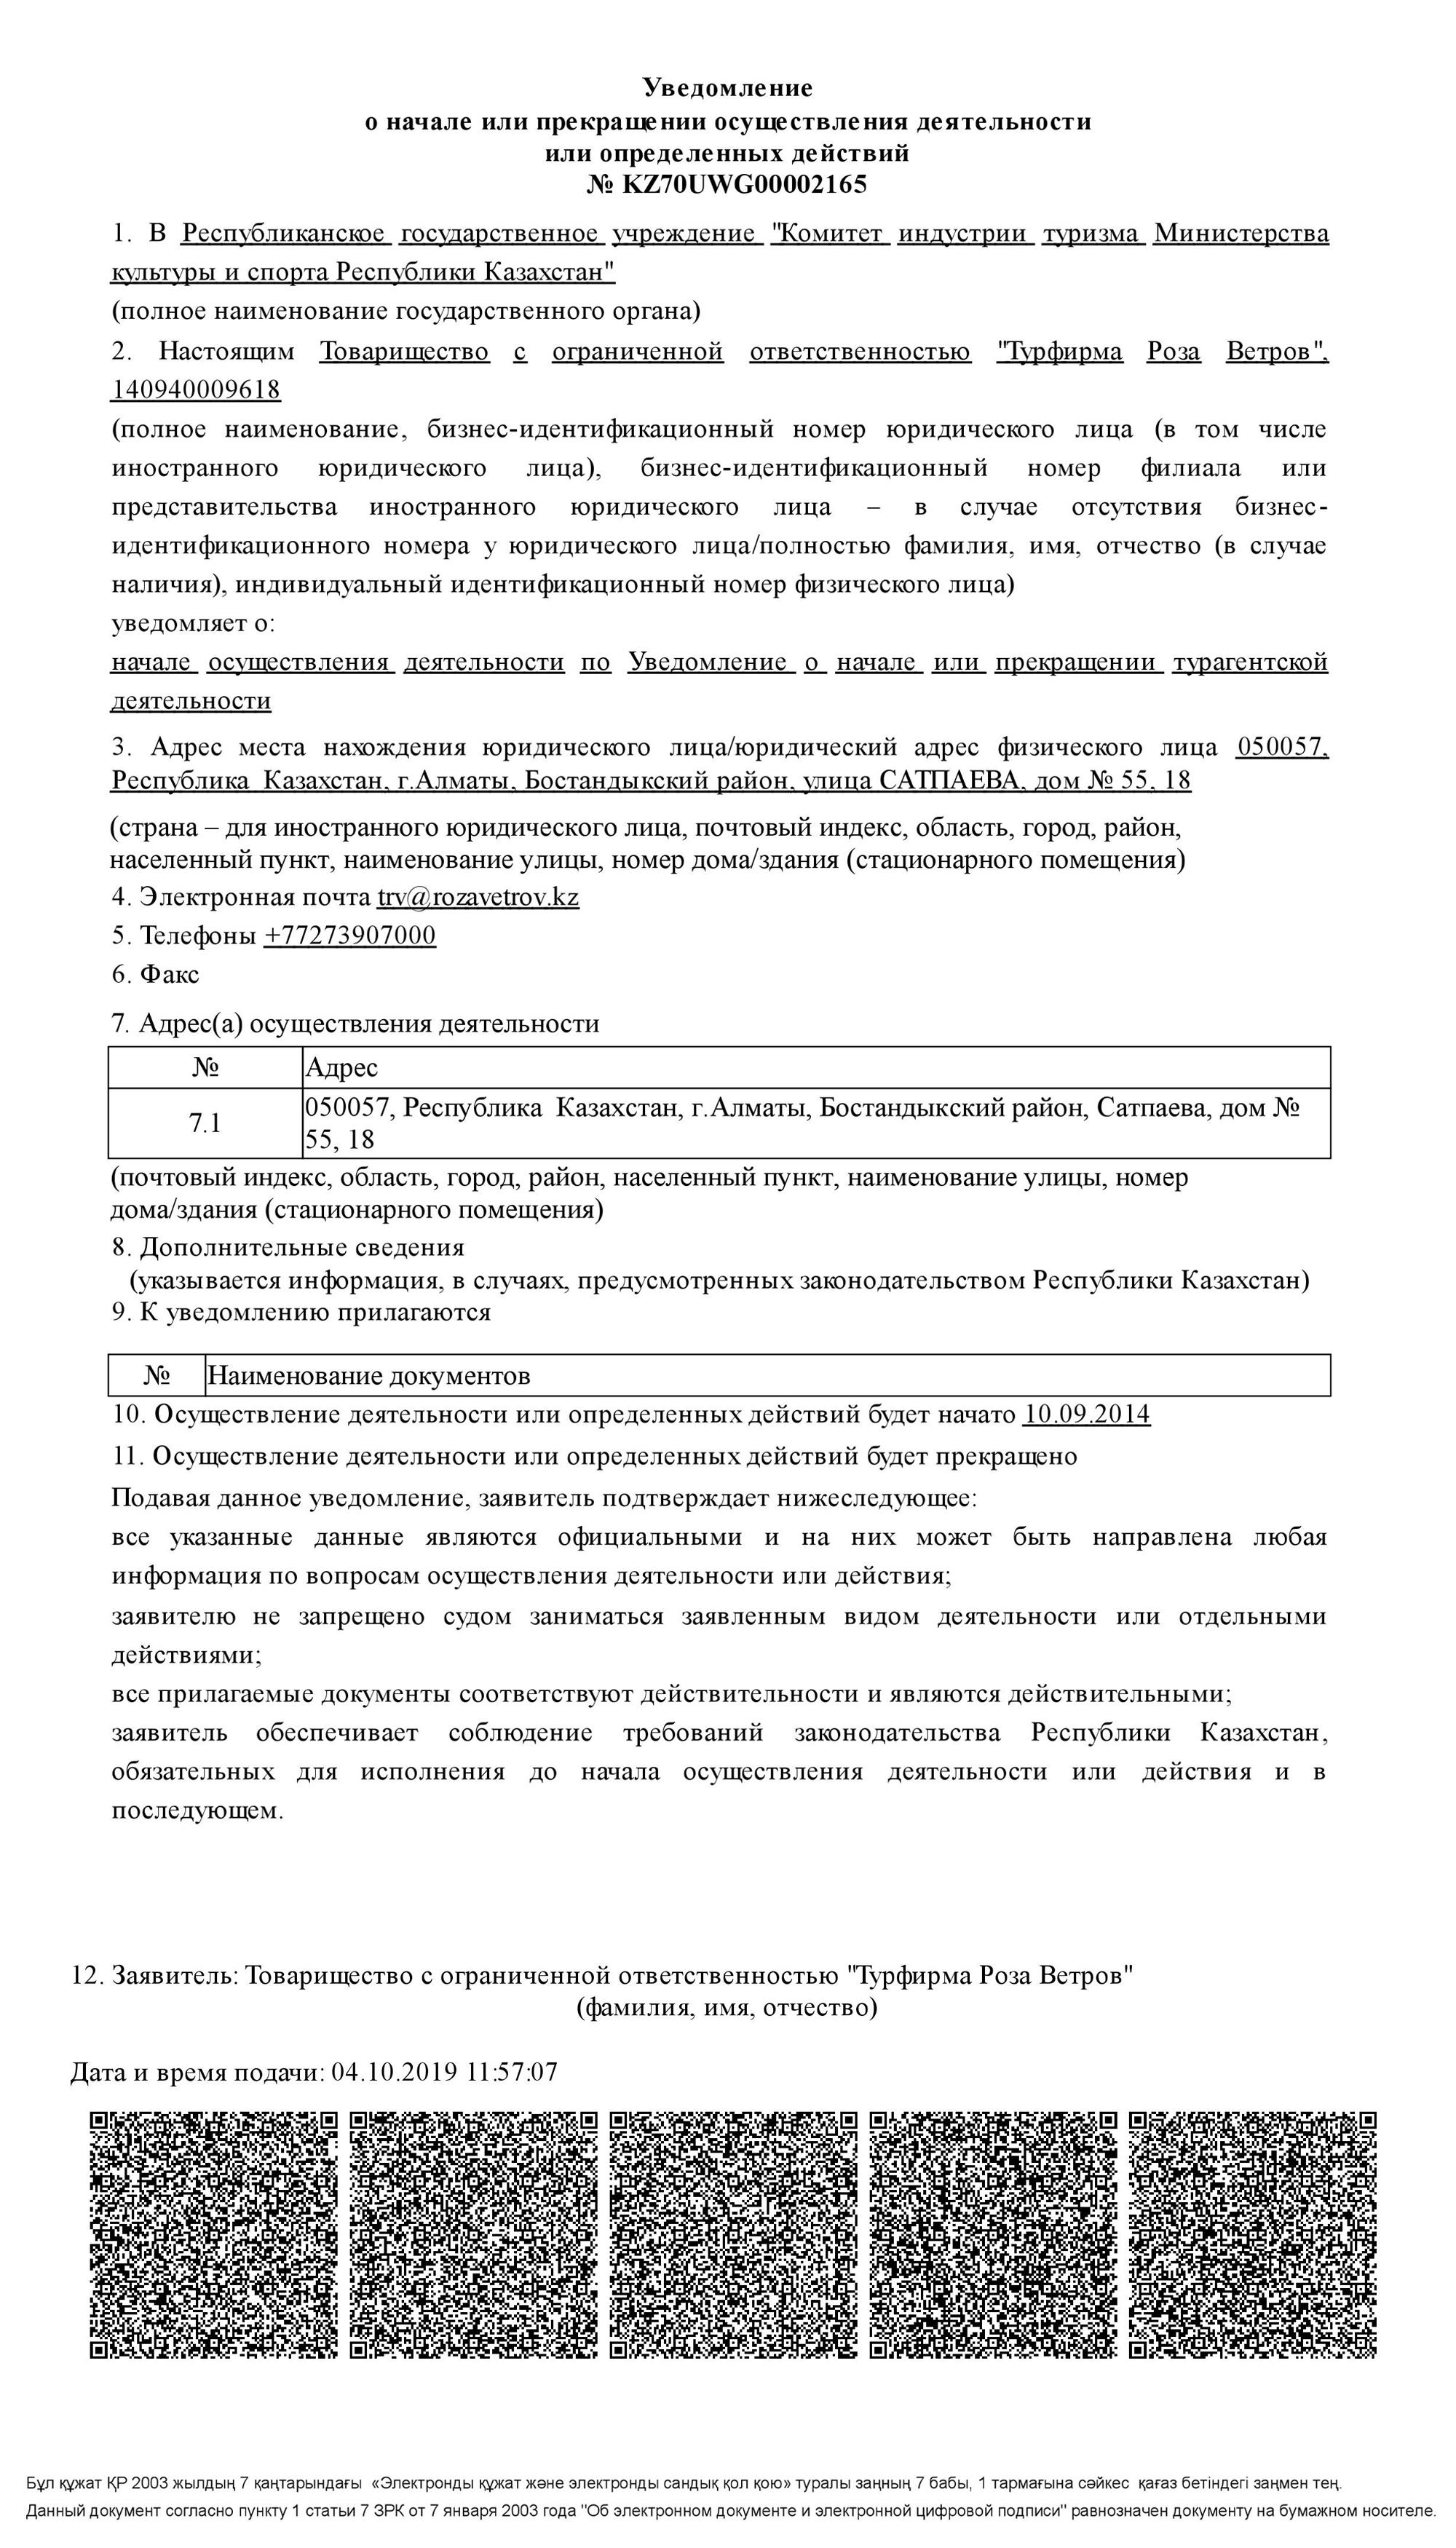 Турфирма диплом